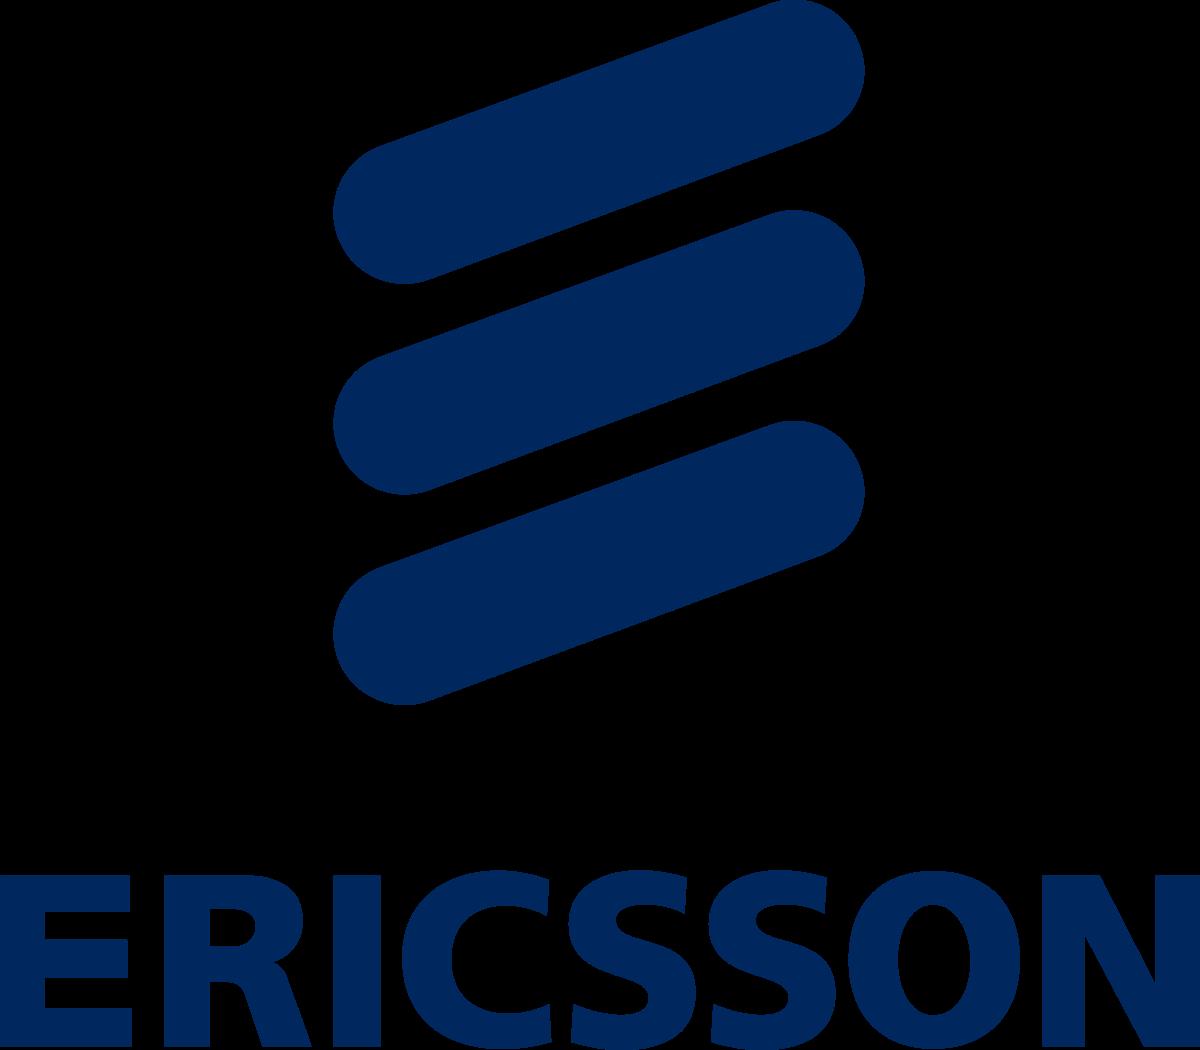 Ericsson, logo